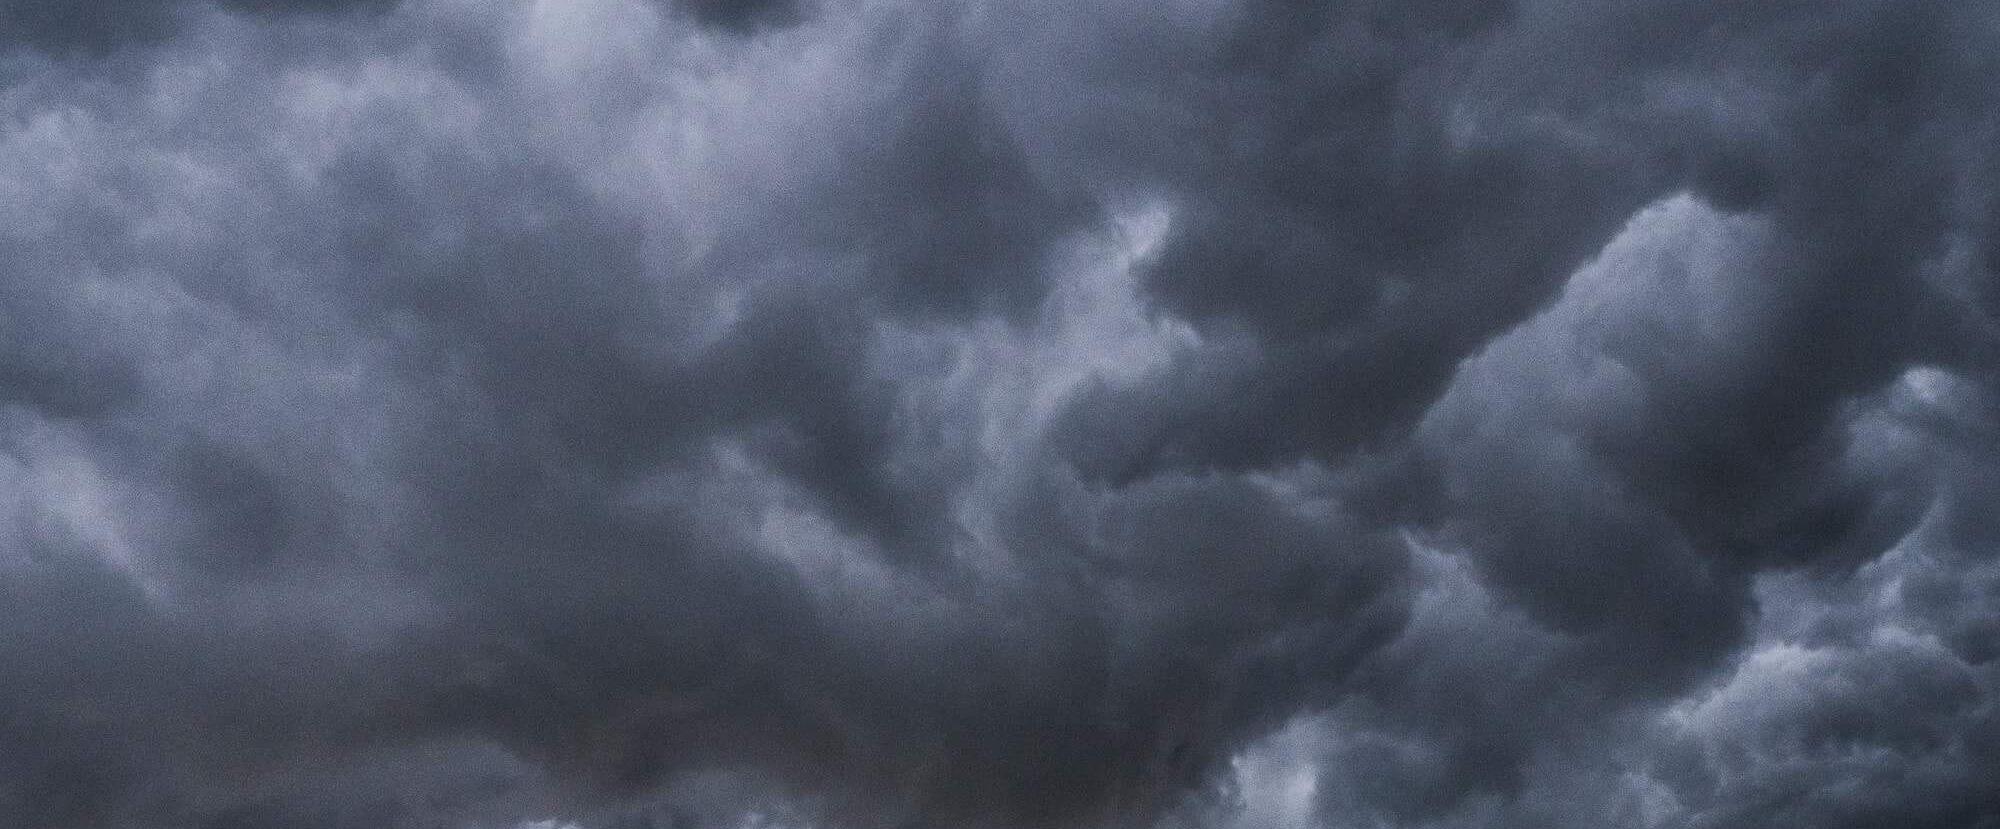 不快さを表す雲画像